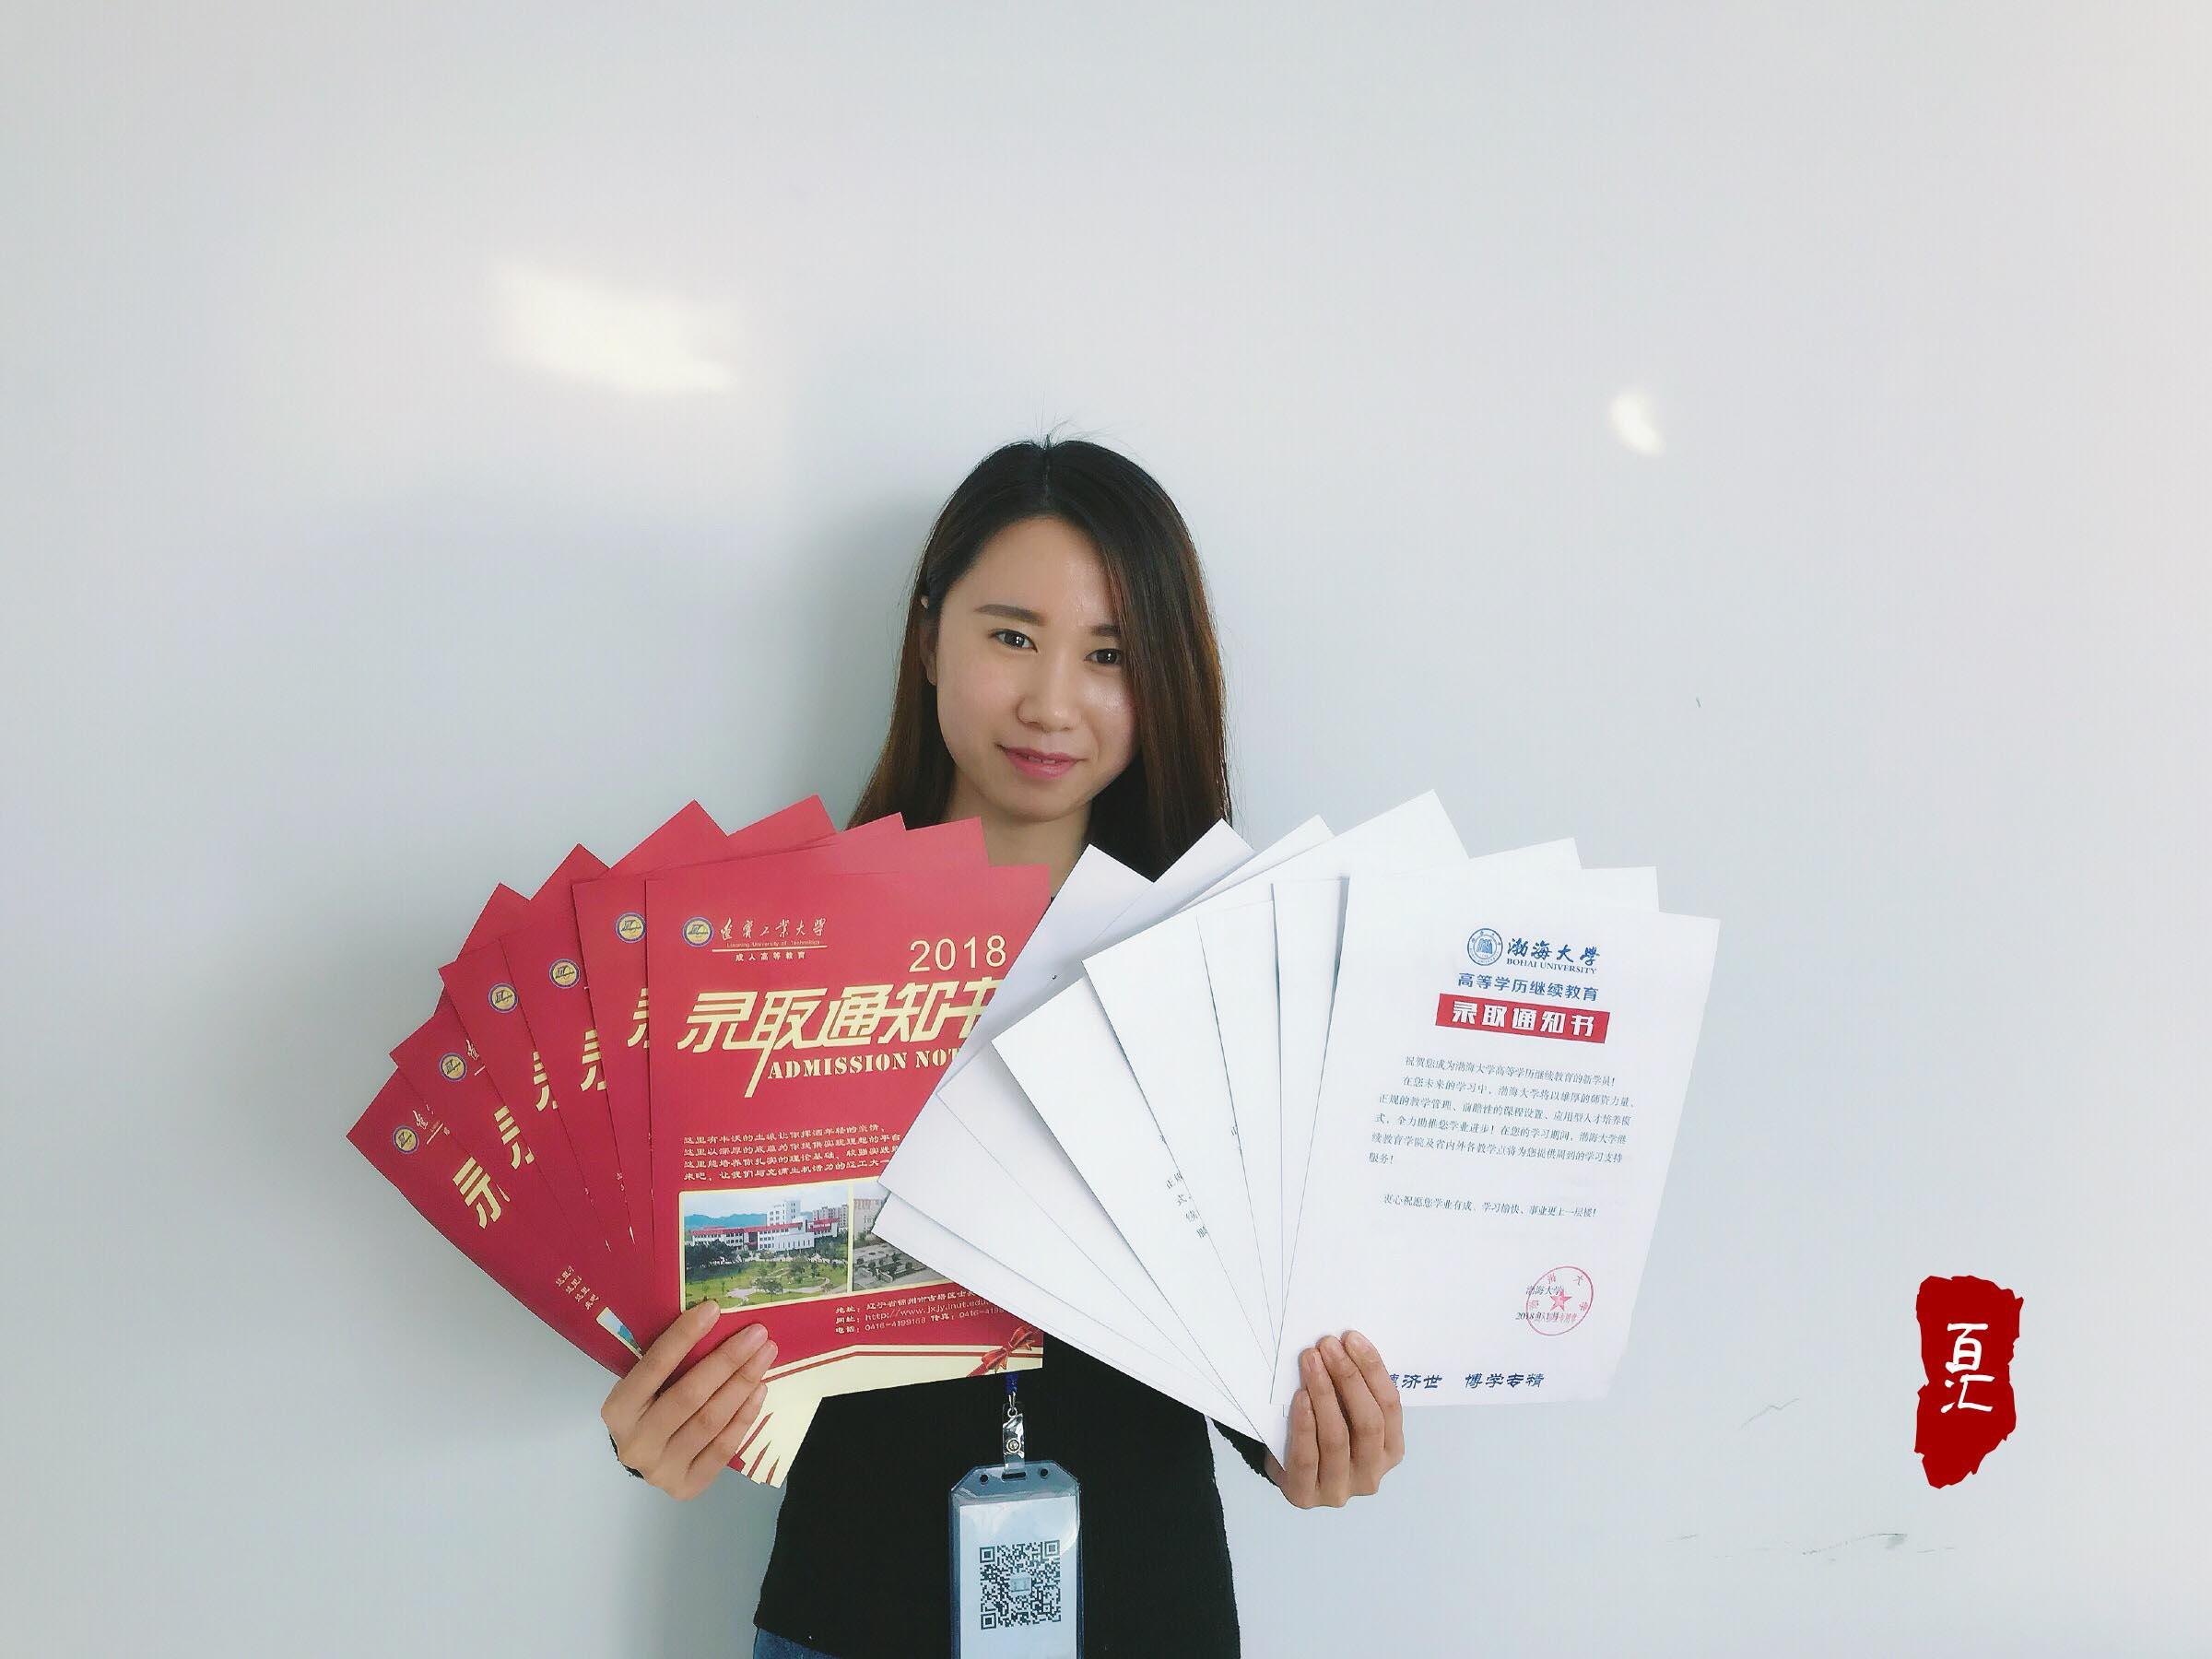 2018年学历入学录取通知书发放工作开始